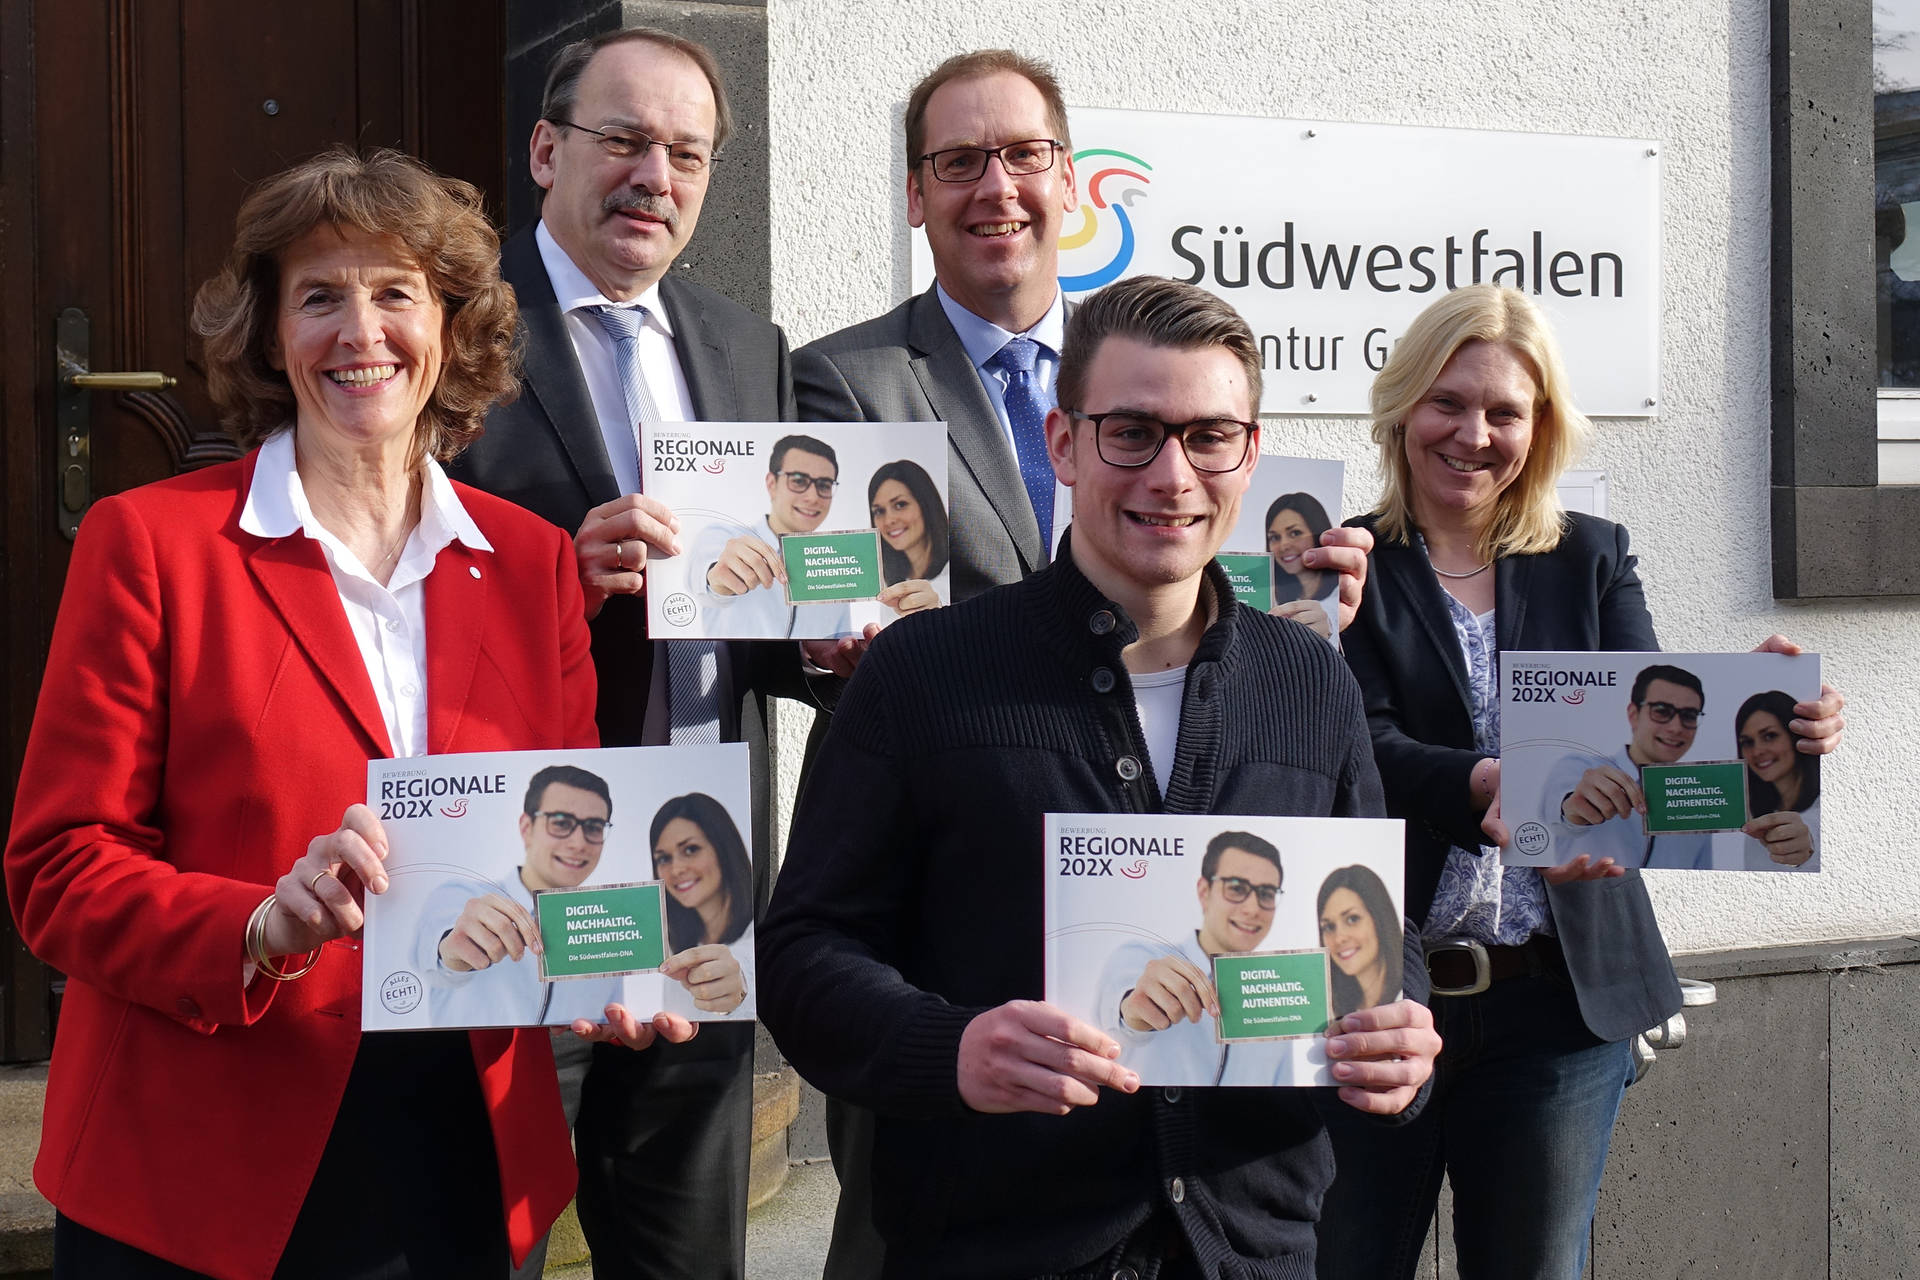 Stellten im Rahmen der Pressekonferenz die südwestfälische Regionale-Bewerbung vor: von links Dr. Margrit Prohaska-Hoch, Thomas Gemke, Hubertus Winterberg, Henrik Schmoll-Klute und Dr. Stephanie Arens.